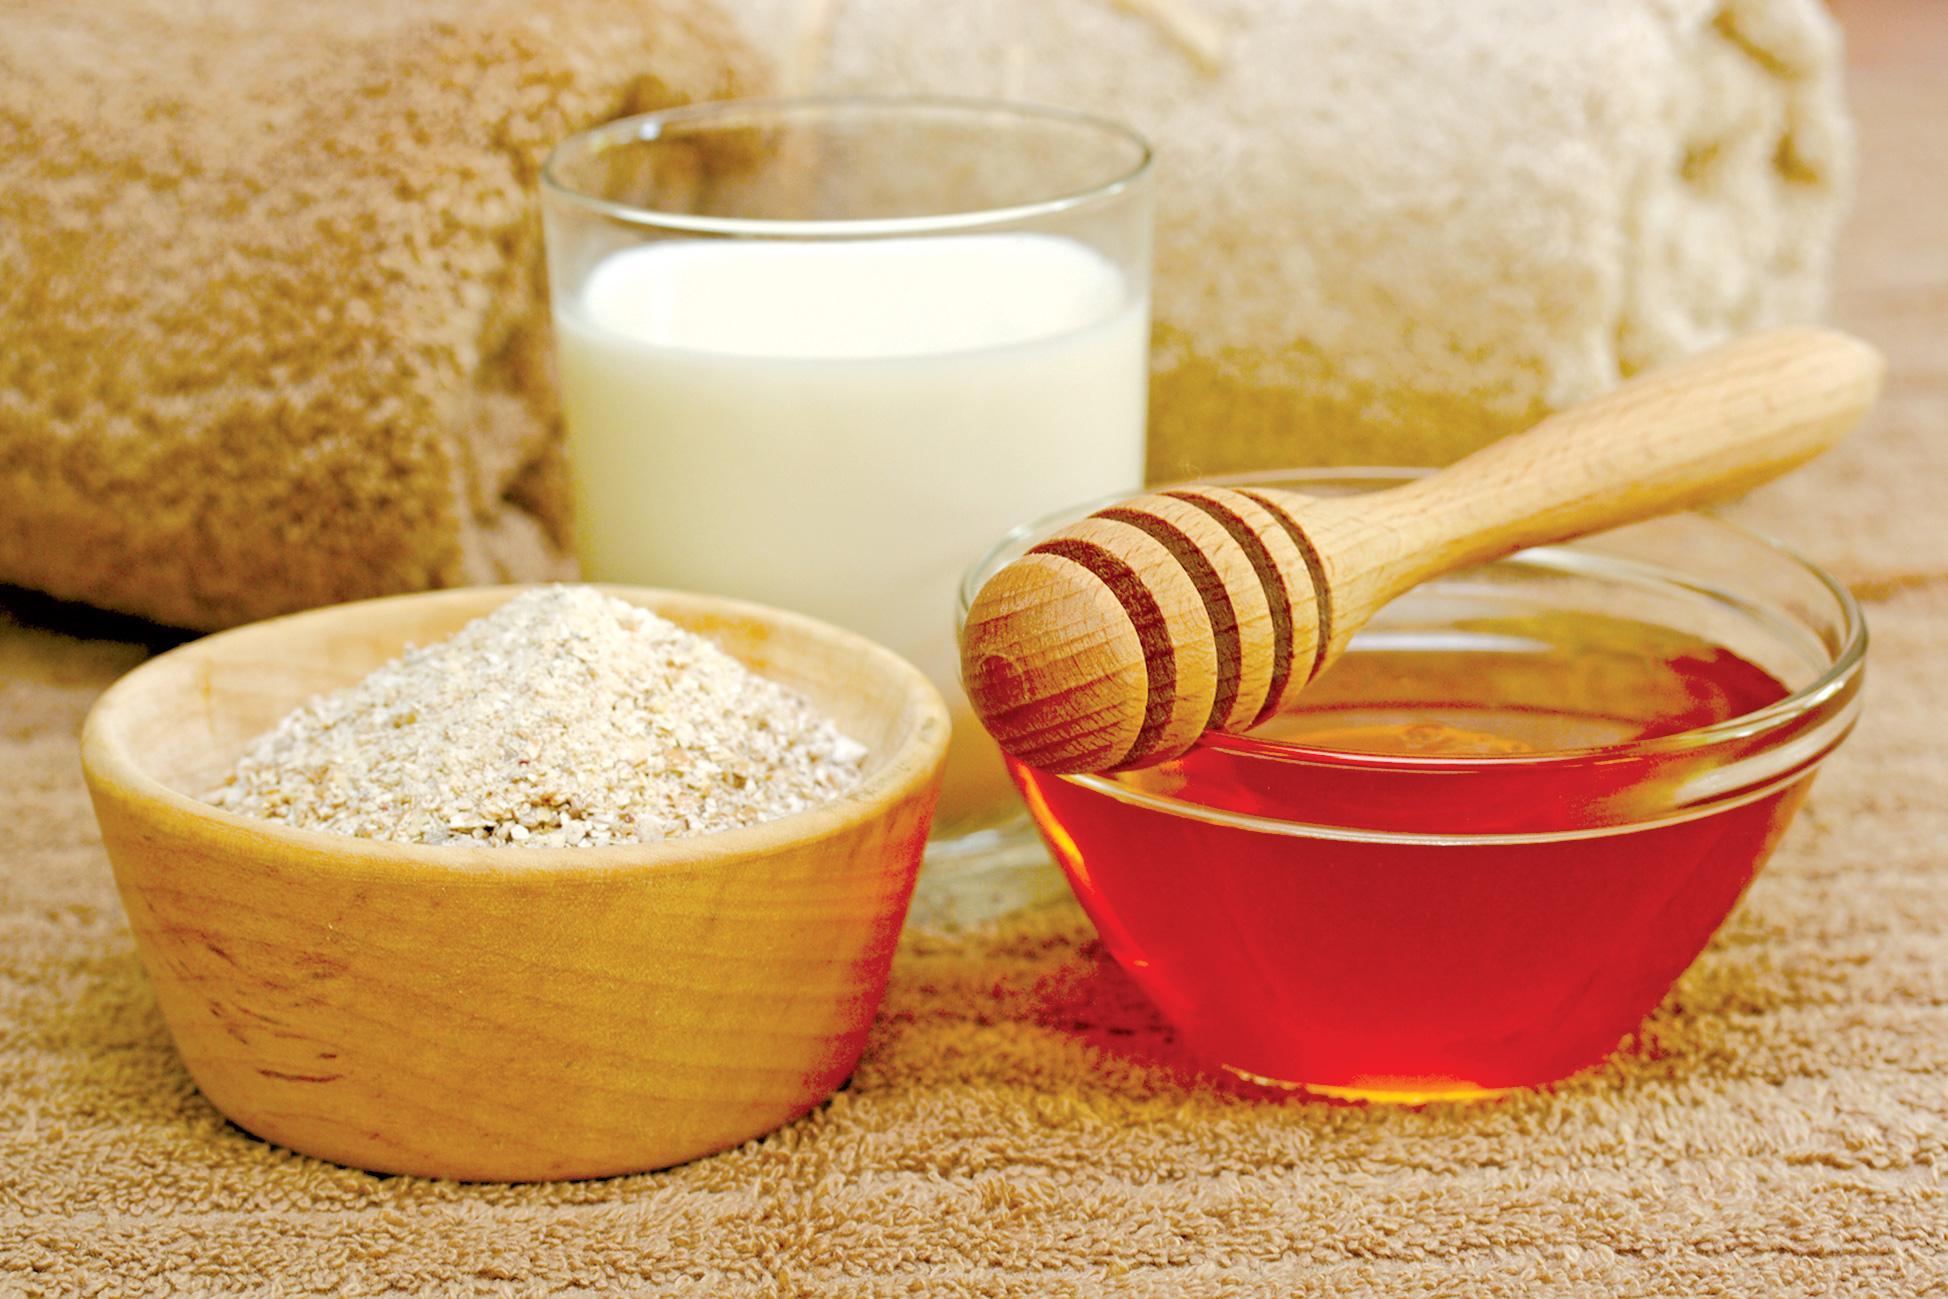 Mặt nạ dưỡng ẩm cho da khô từ sữa chua và mật ong